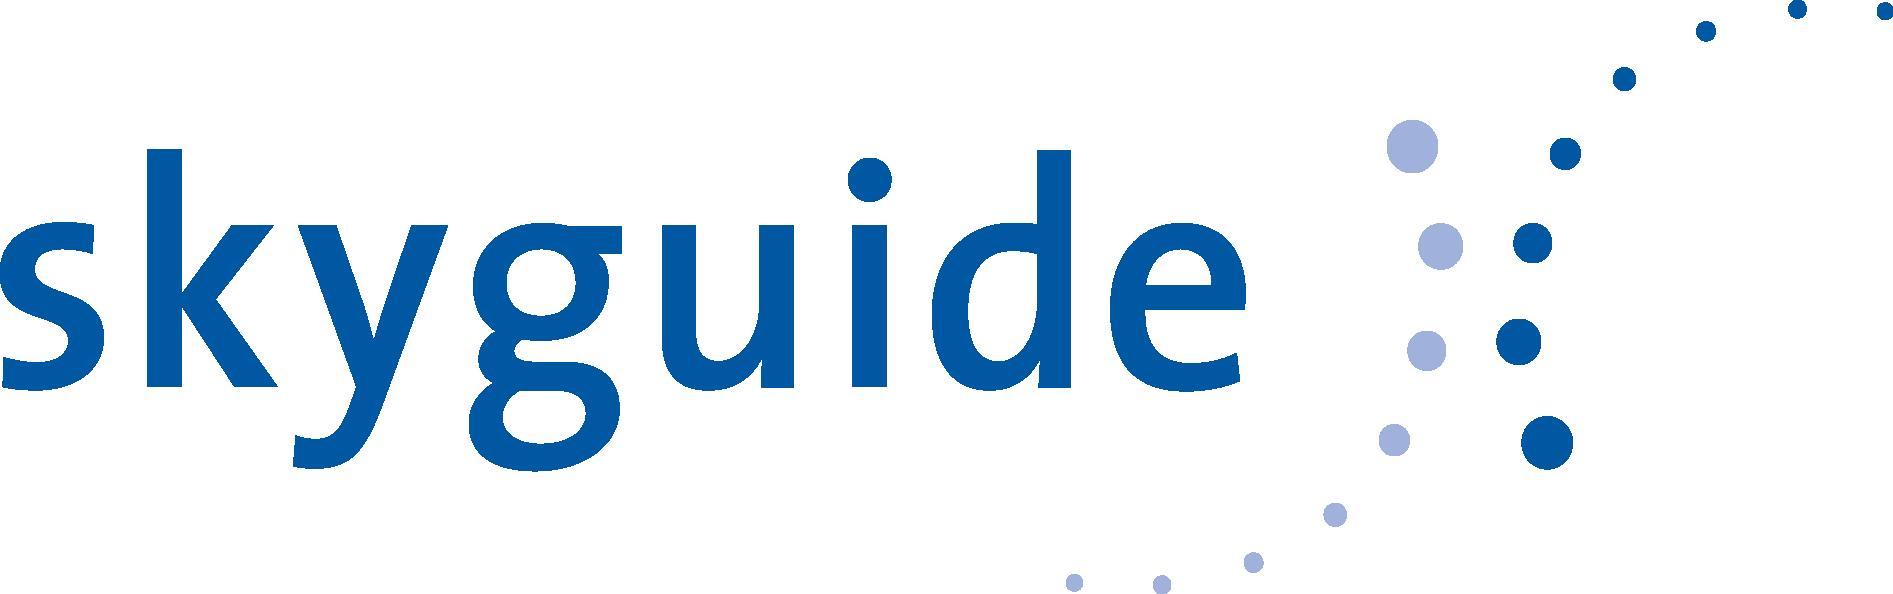 Logo de Skyguide, société de navigation aérienne.